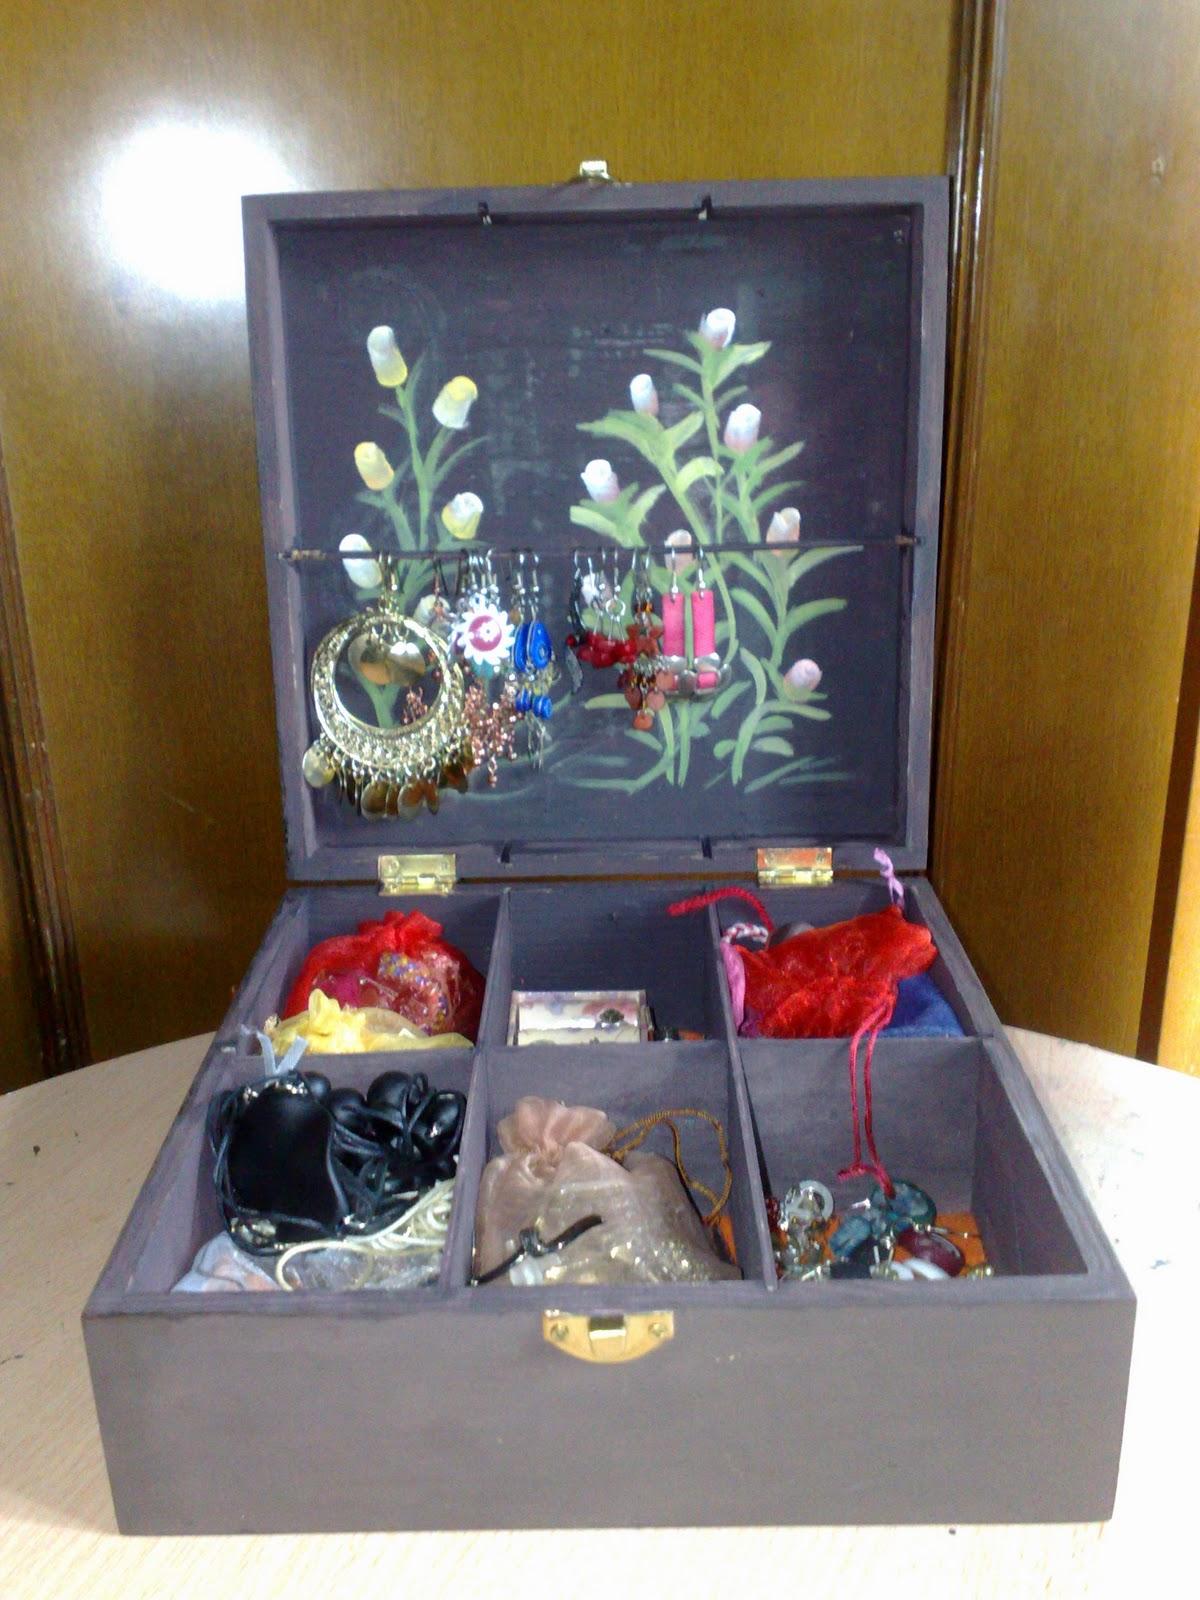 Manualidades y otros entretenimientos decorar una caja madera para hacer un joyero - Cajas madera para manualidades ...